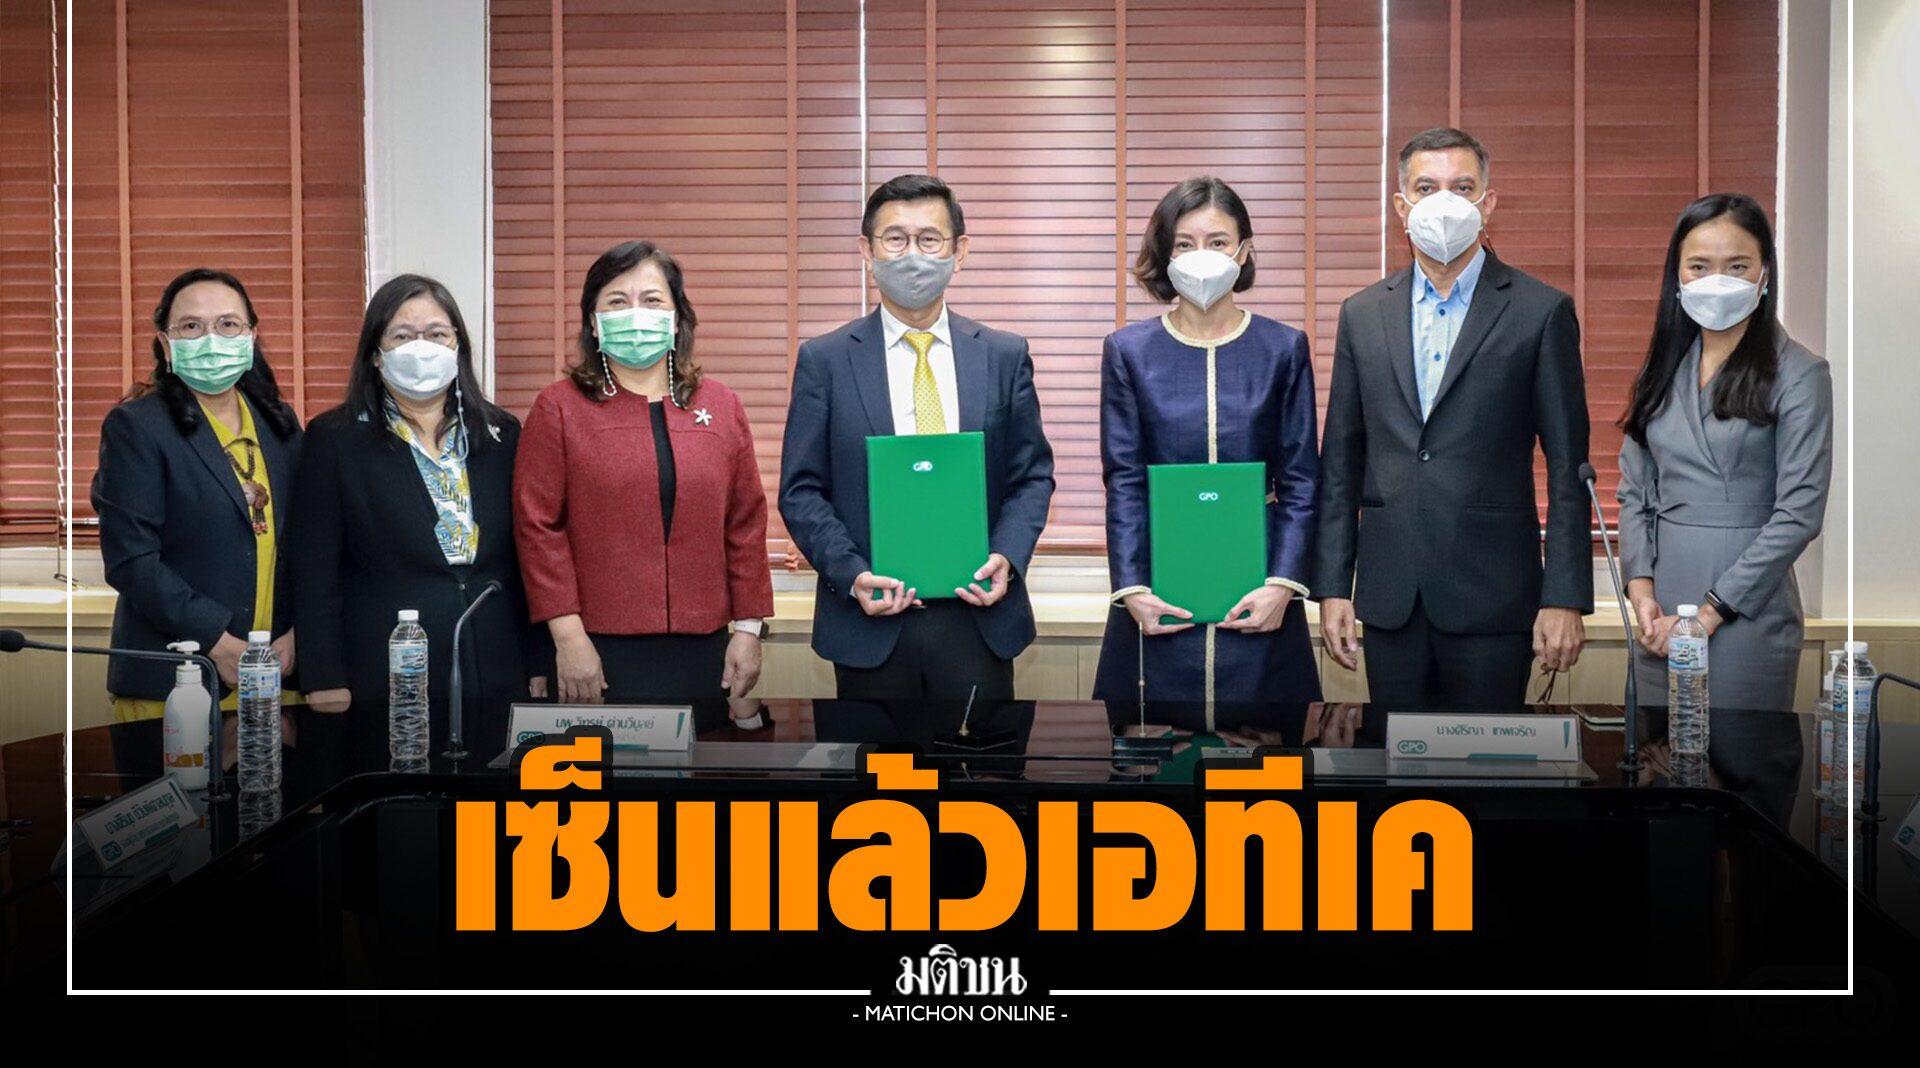 เซ็นแล้ว เอทีเคเล่อปู๋ 8.5 ล. ล็อตแรกถึงไทย 6 ก.ย. เผยเงื่อนไขให้เก็บคืนถ้ามีปัญหาคุณภาพ